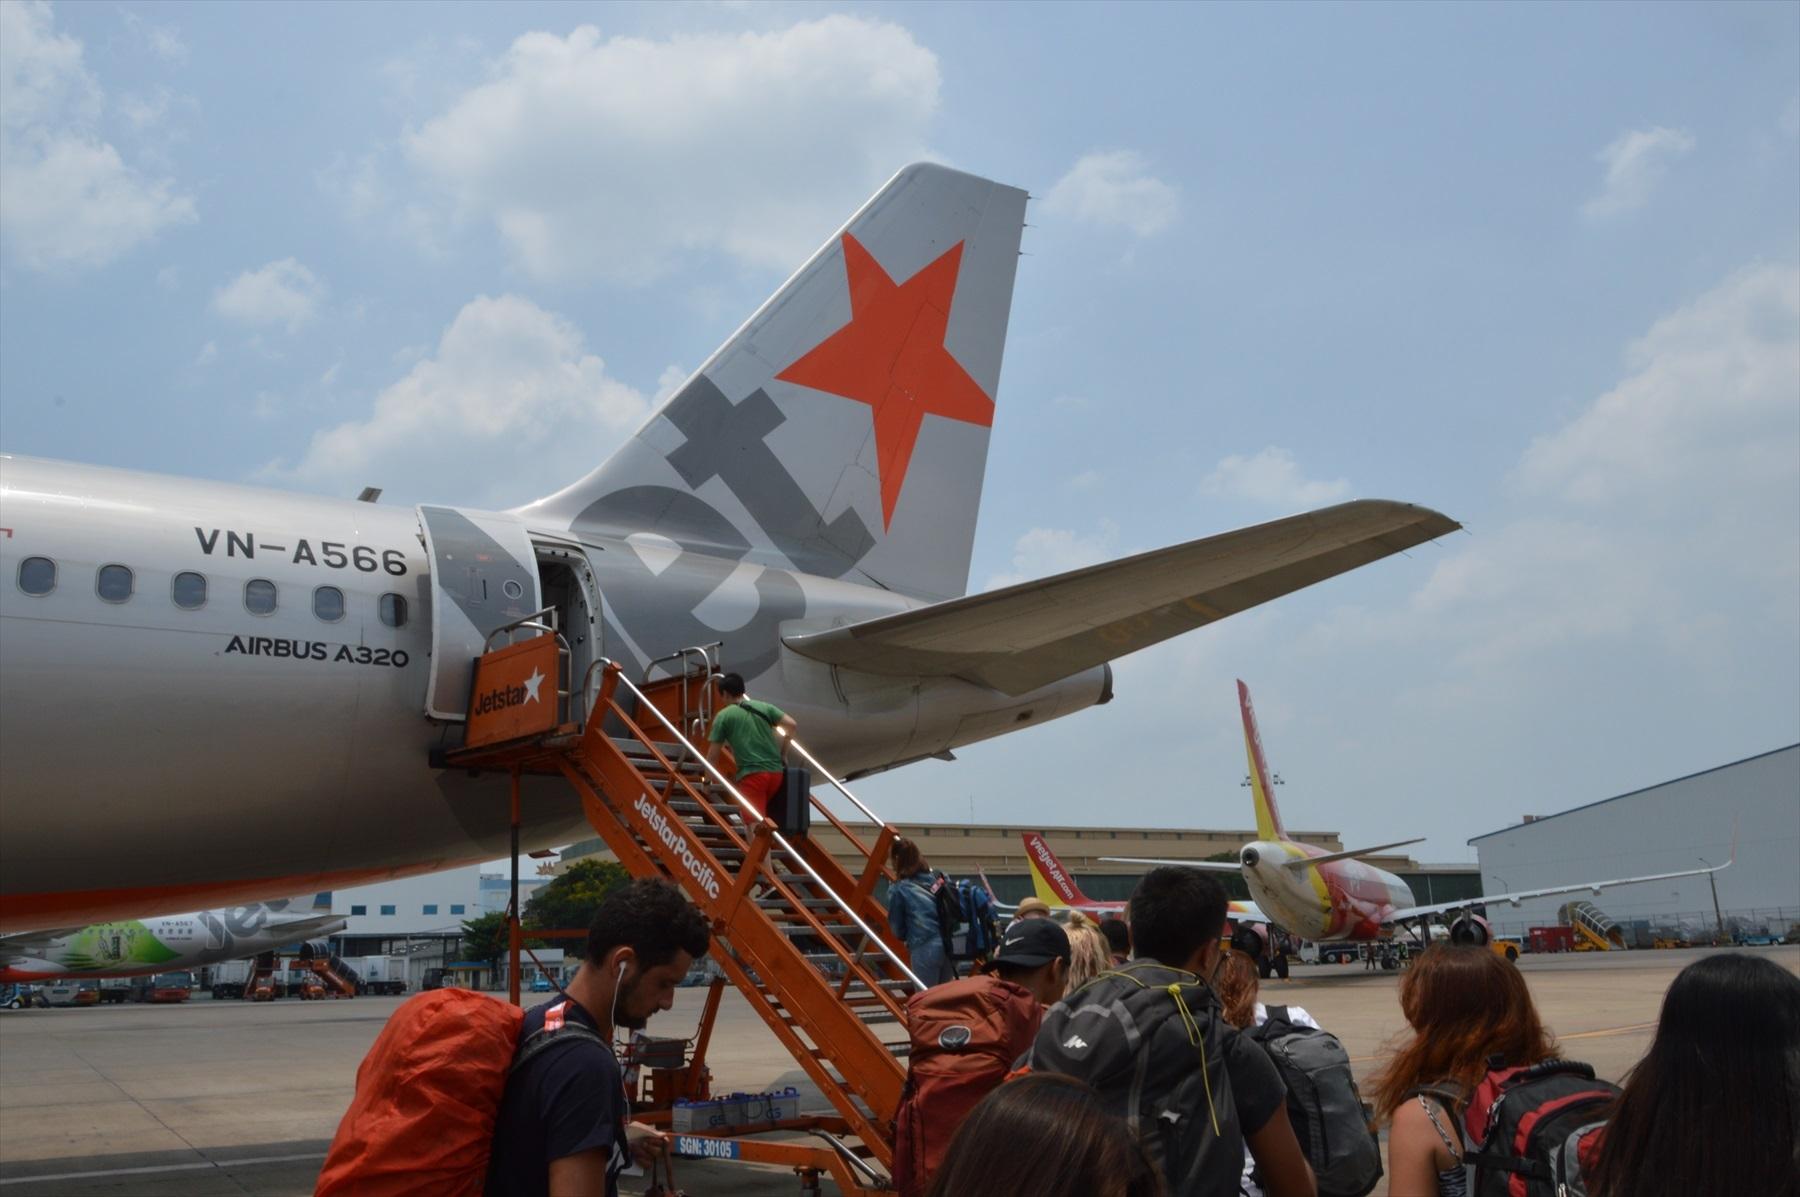 飛行機の前後から同時に客を乗せる風景